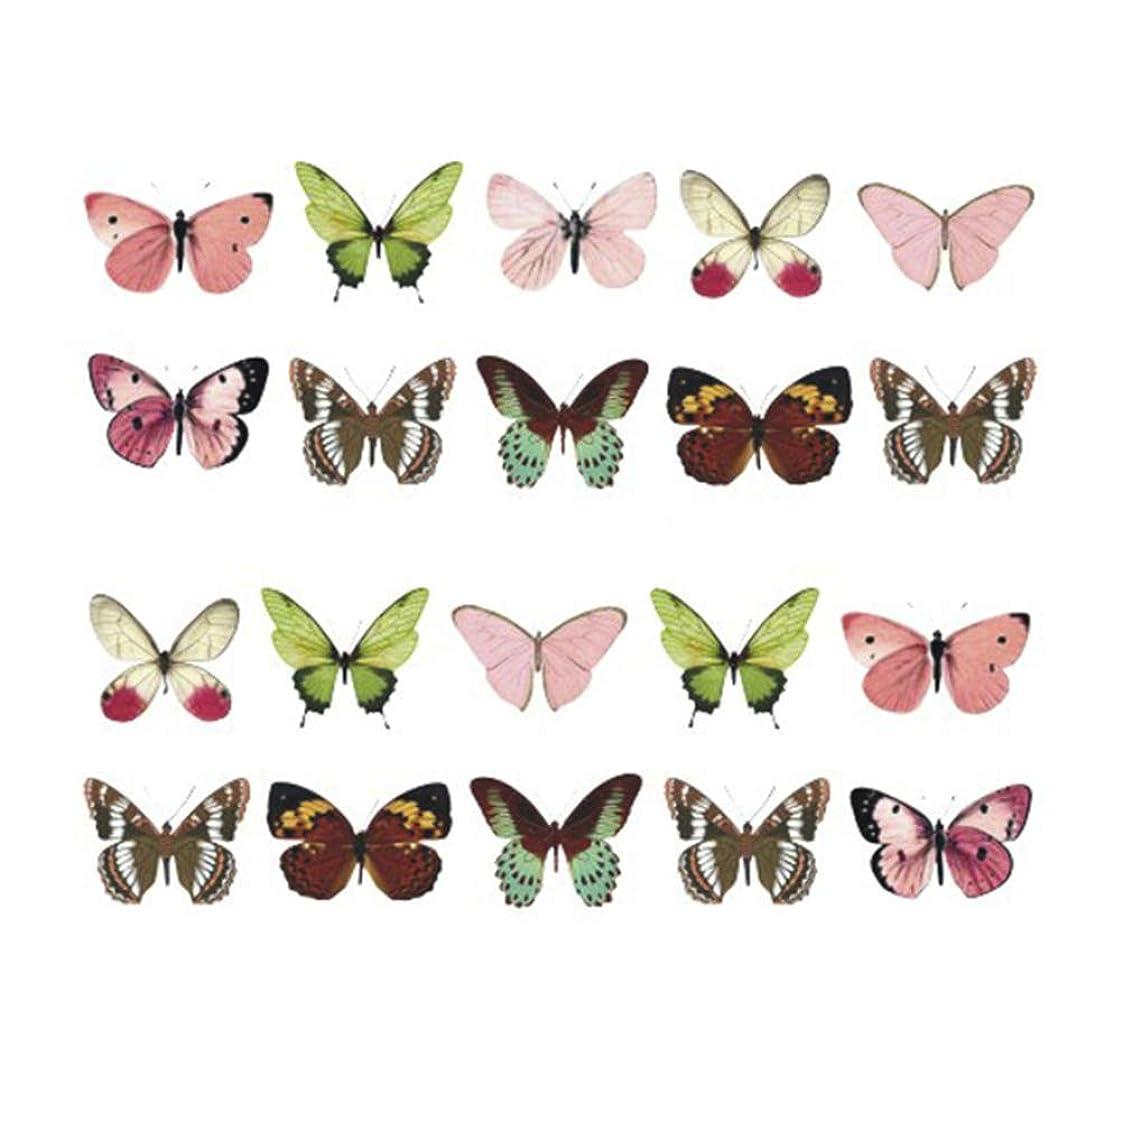 それにもかかわらずハミングバードオピエートネイルシール 蝶 バタフライ ピンク/グリーンなど ネイルステッカー ネイルアートジェルネイル1枚入り 貼るだけ DIY ネイル飾り エンボス